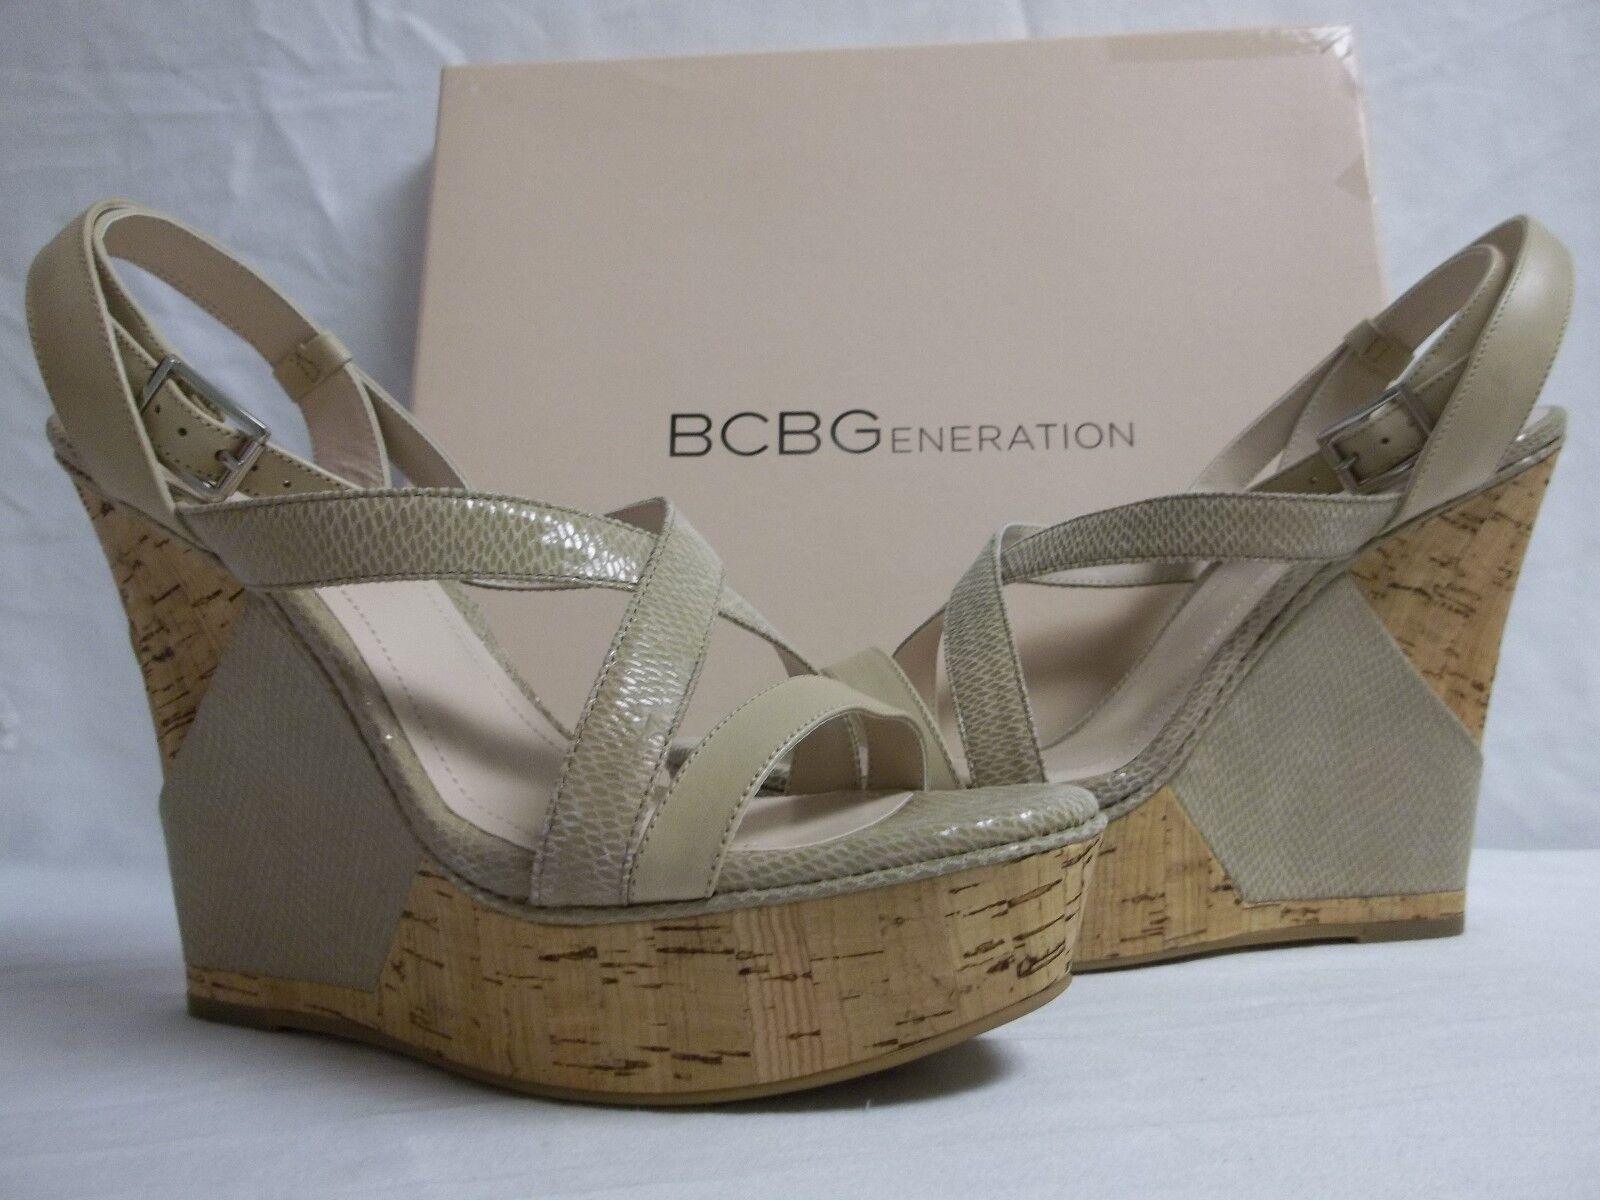 centro commerciale di moda BCBGeneration BCBG Sz 10 M Rizza Cashew Leather Open Open Open Toe Wedges New donna scarpe  le migliori marche vendono a buon mercato